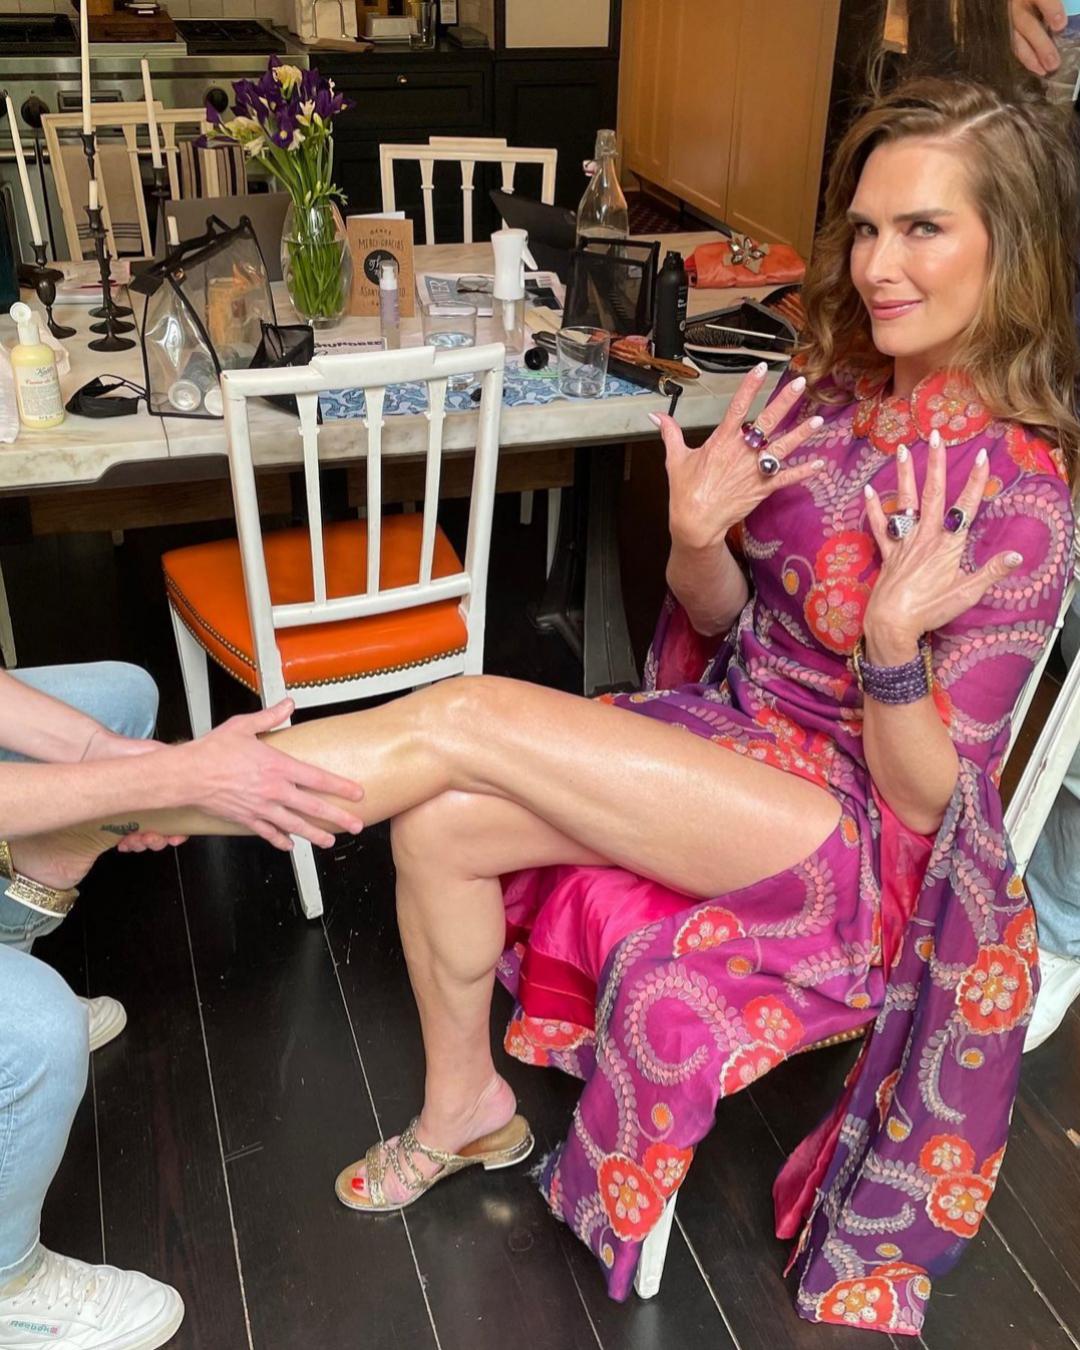 Brooke Shields haciéndose la manicura en tonos blancos y la pedicura en rojo.